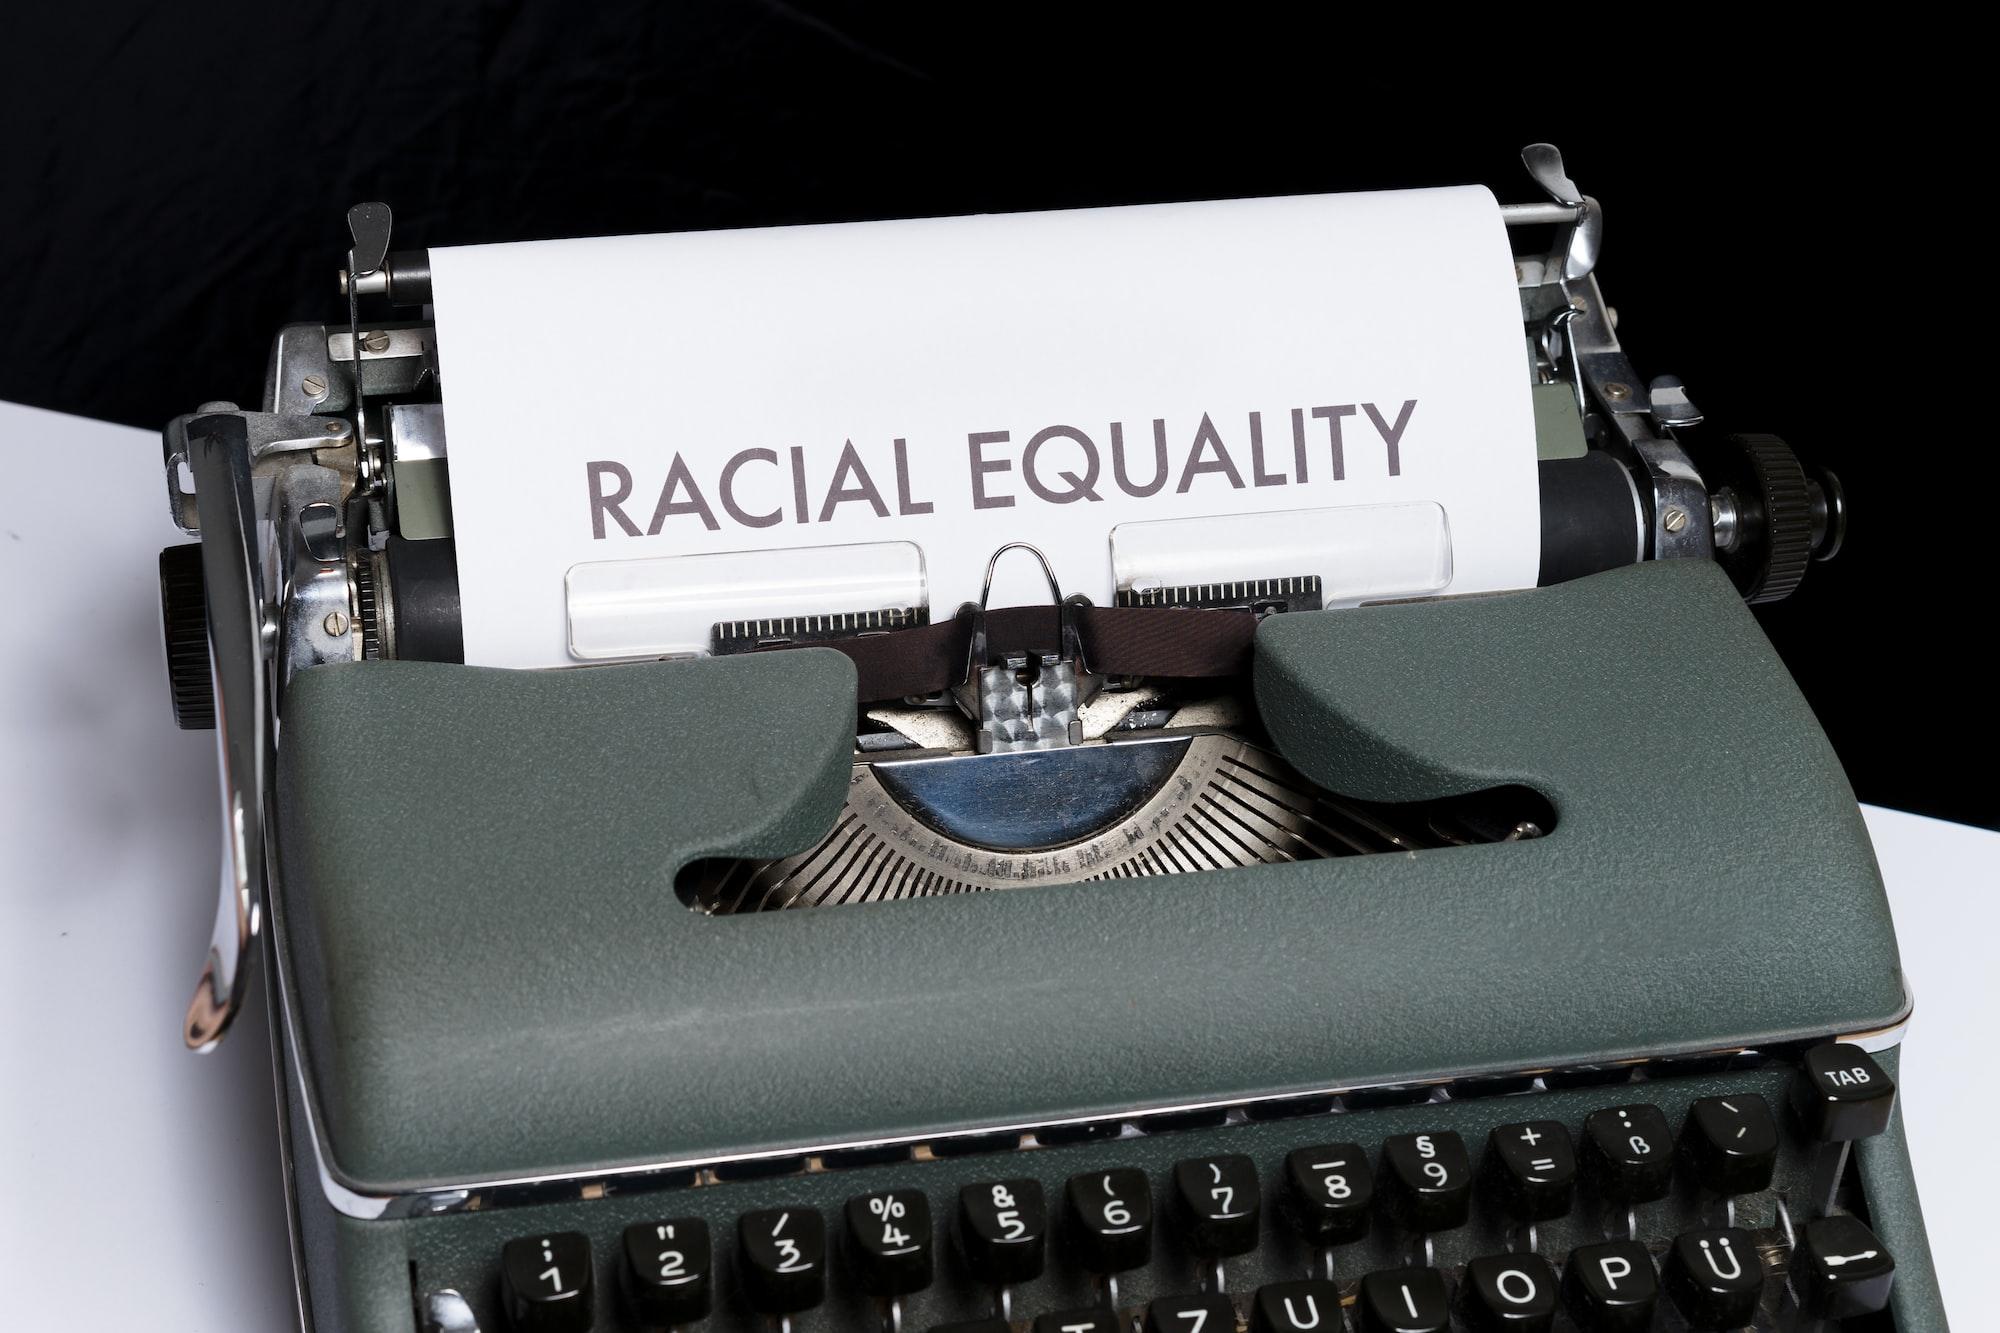 在美國不想遇到歧視? 亞裔不能再當乖乖牌